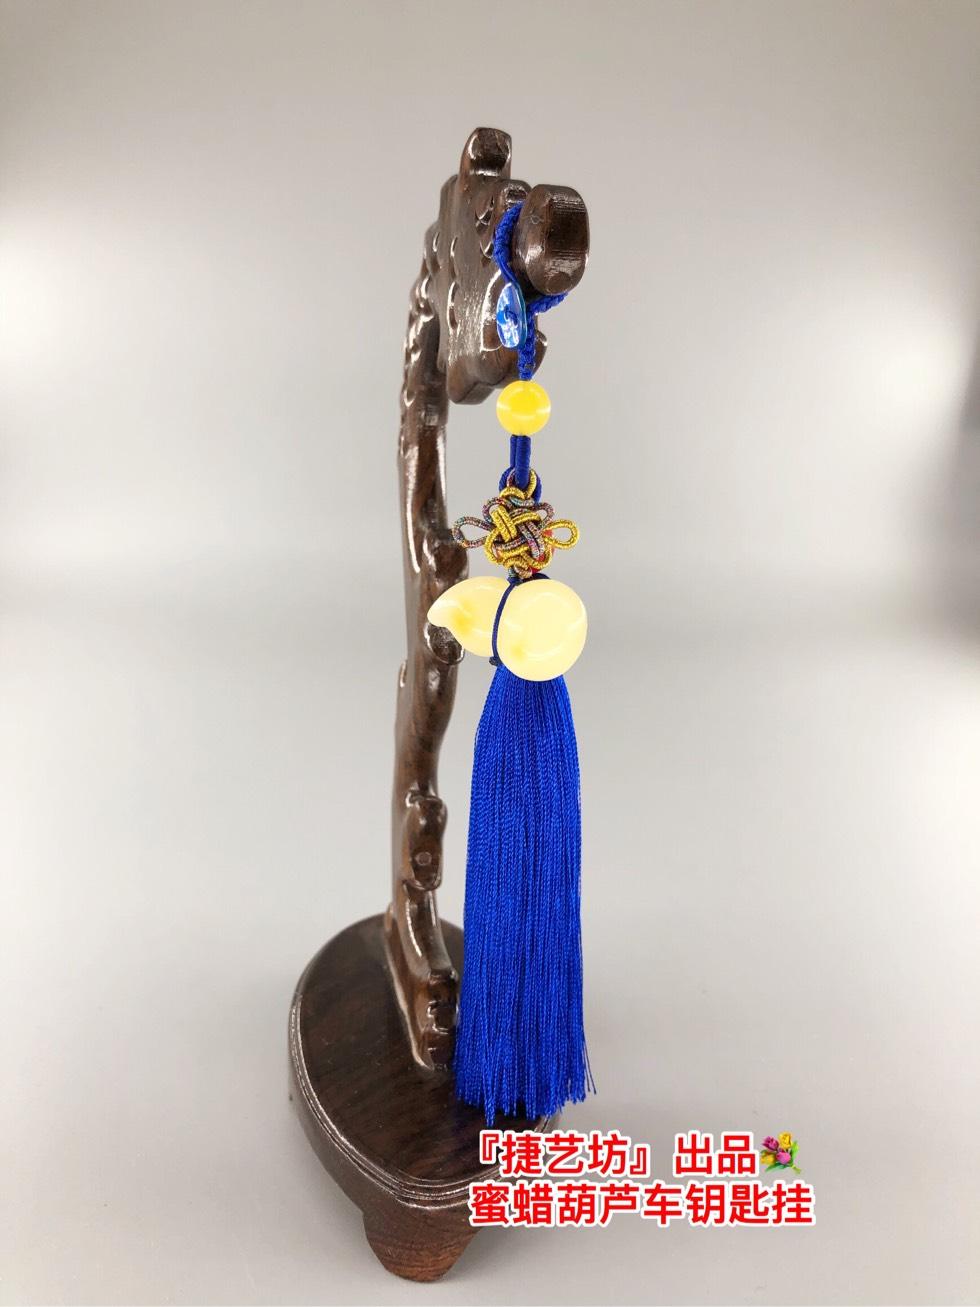 中国结论坛 蜜蜡钥匙挂 蜜蜡,钥匙,蜜蜡吊坠怎么挂 作品展示 105543urriiuuvur71no7o